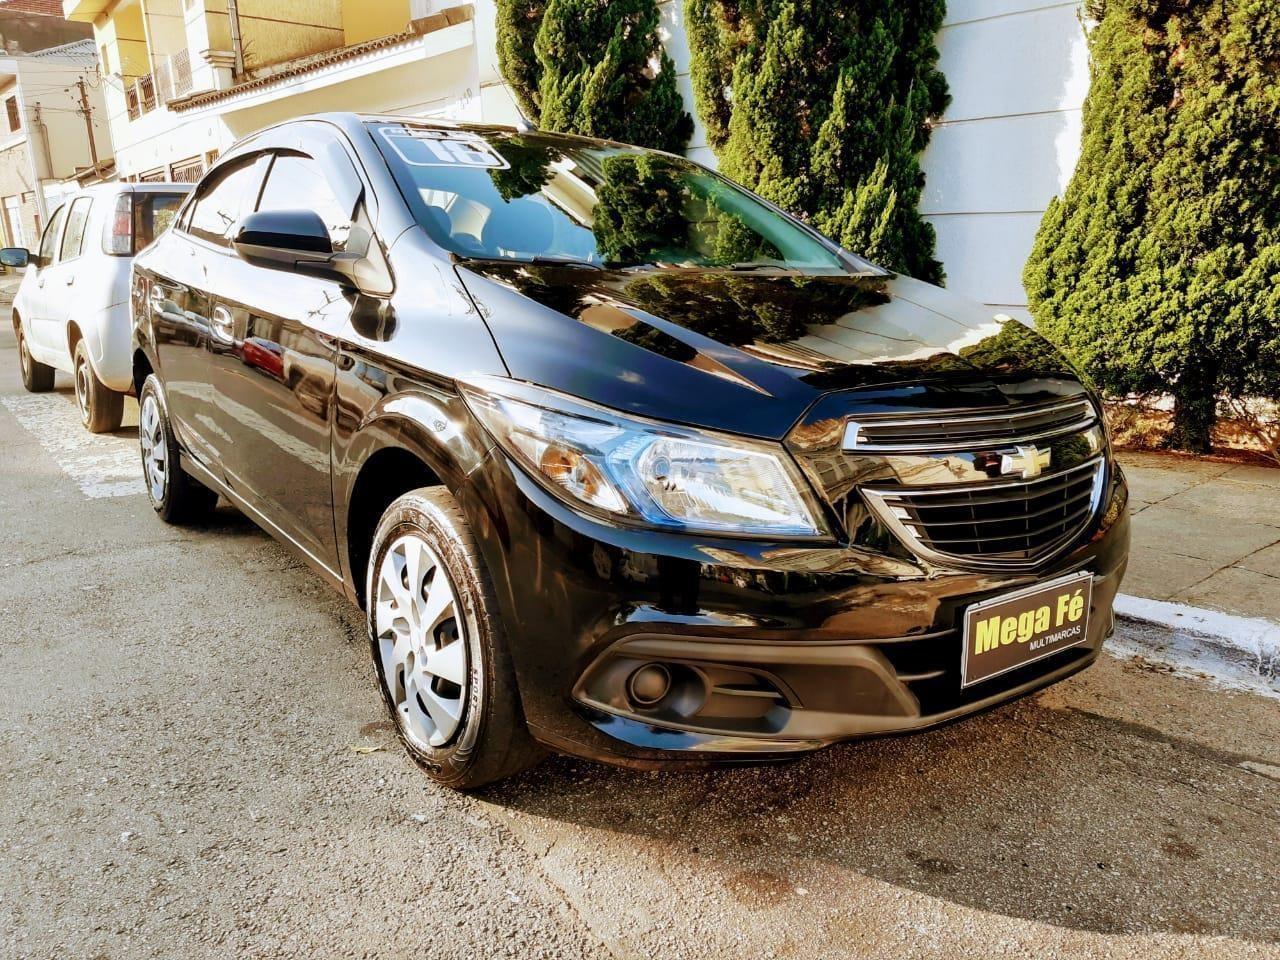 //www.autoline.com.br/carro/chevrolet/prisma-14-lt-8v-flex-4p-manual/2016/sao-paulo-sp/14952656